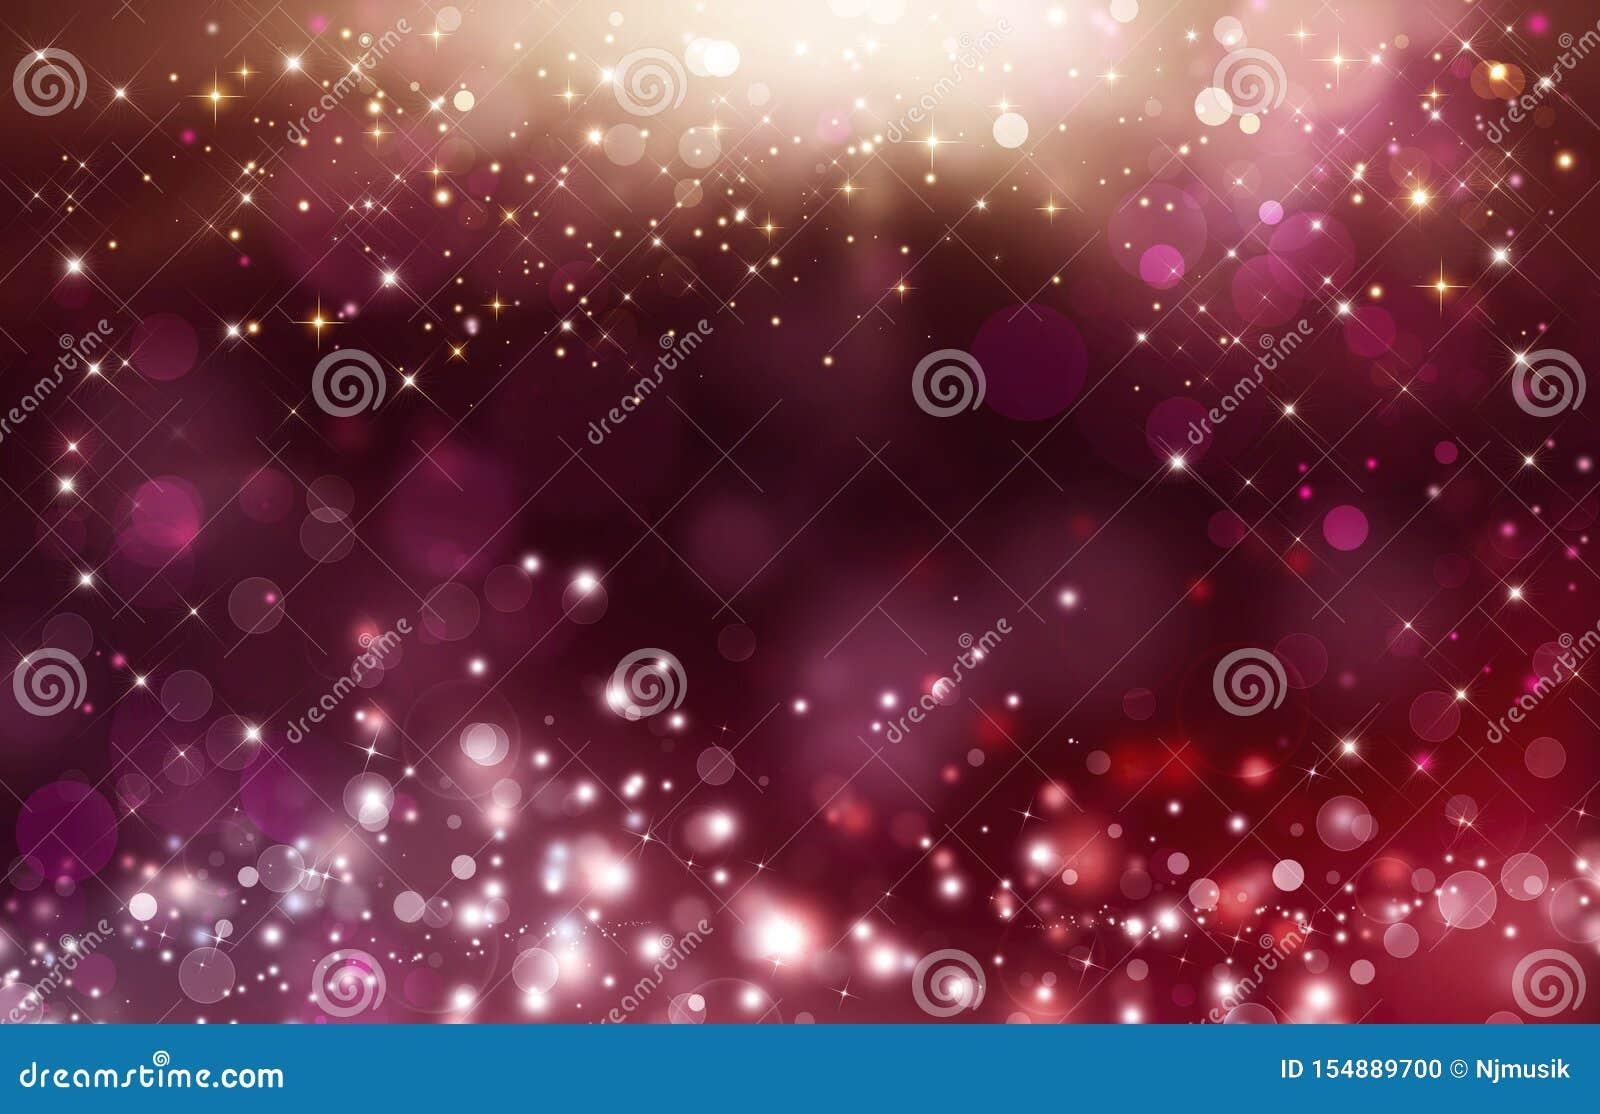 Falta de definición rosada abstracta del fondo del bokeh Ejemplo festivo brillante